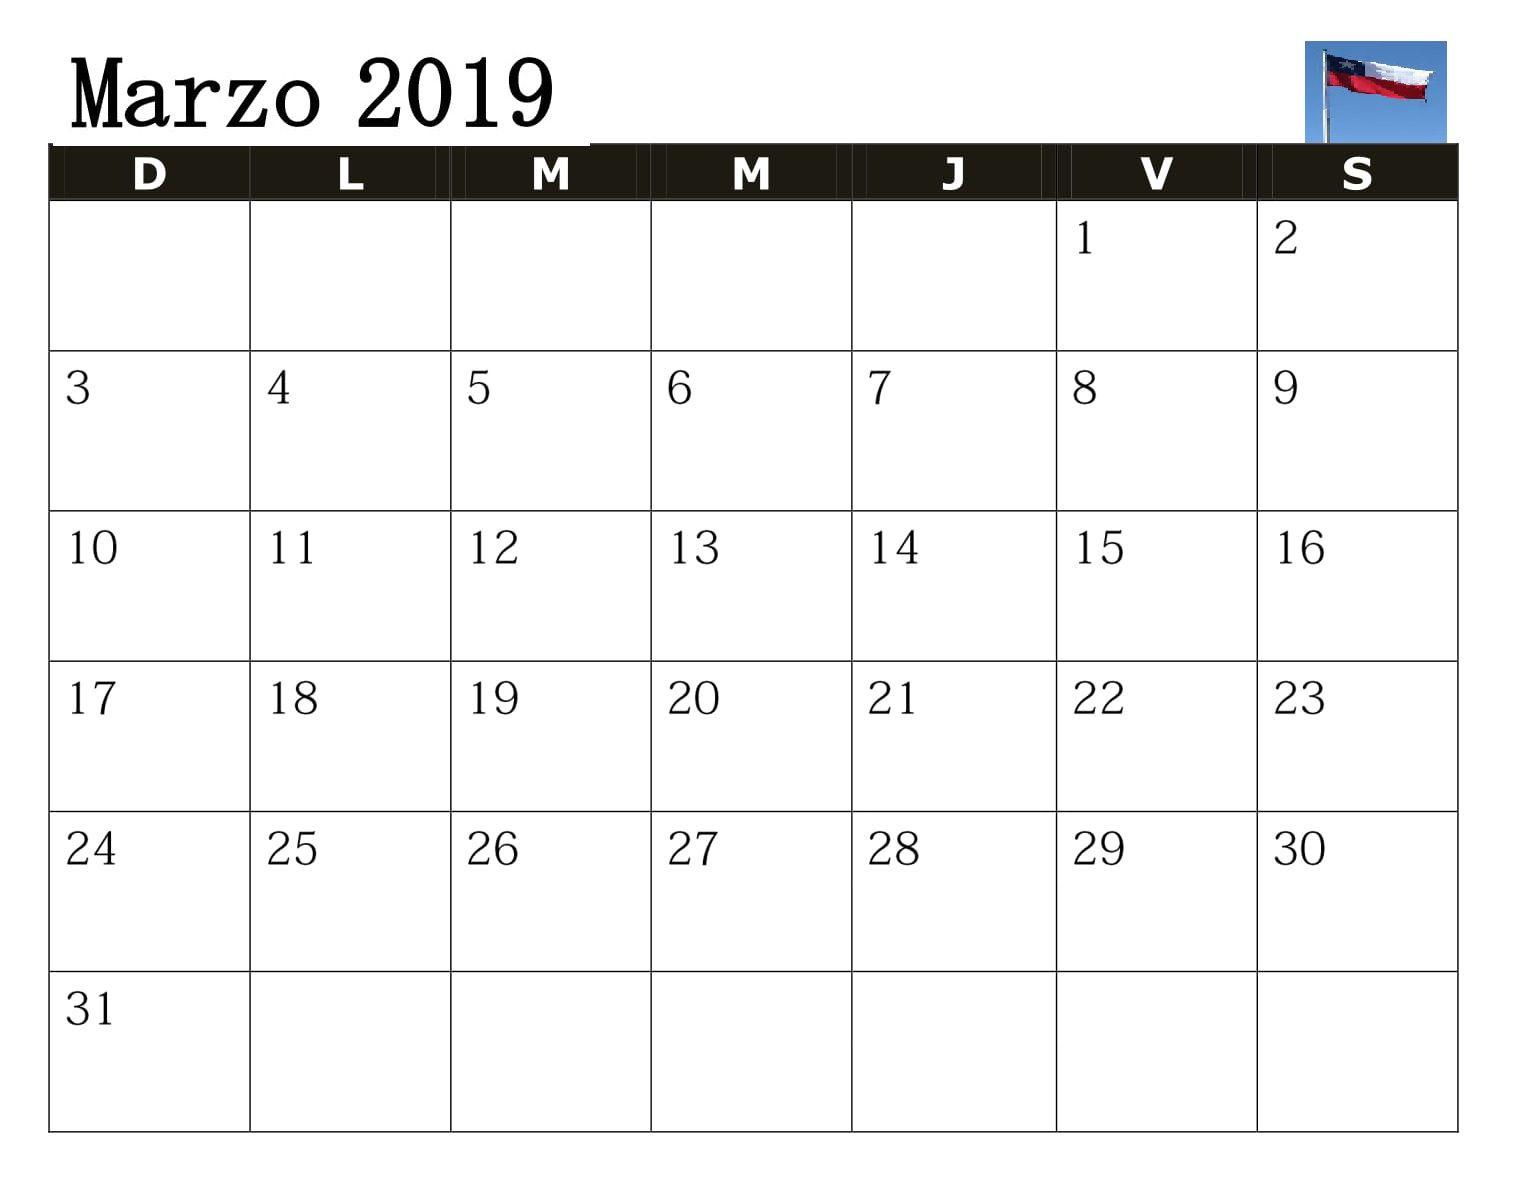 Calendario M.2019 Calendario Marzo Chile Grande Calendario Marzo 2019